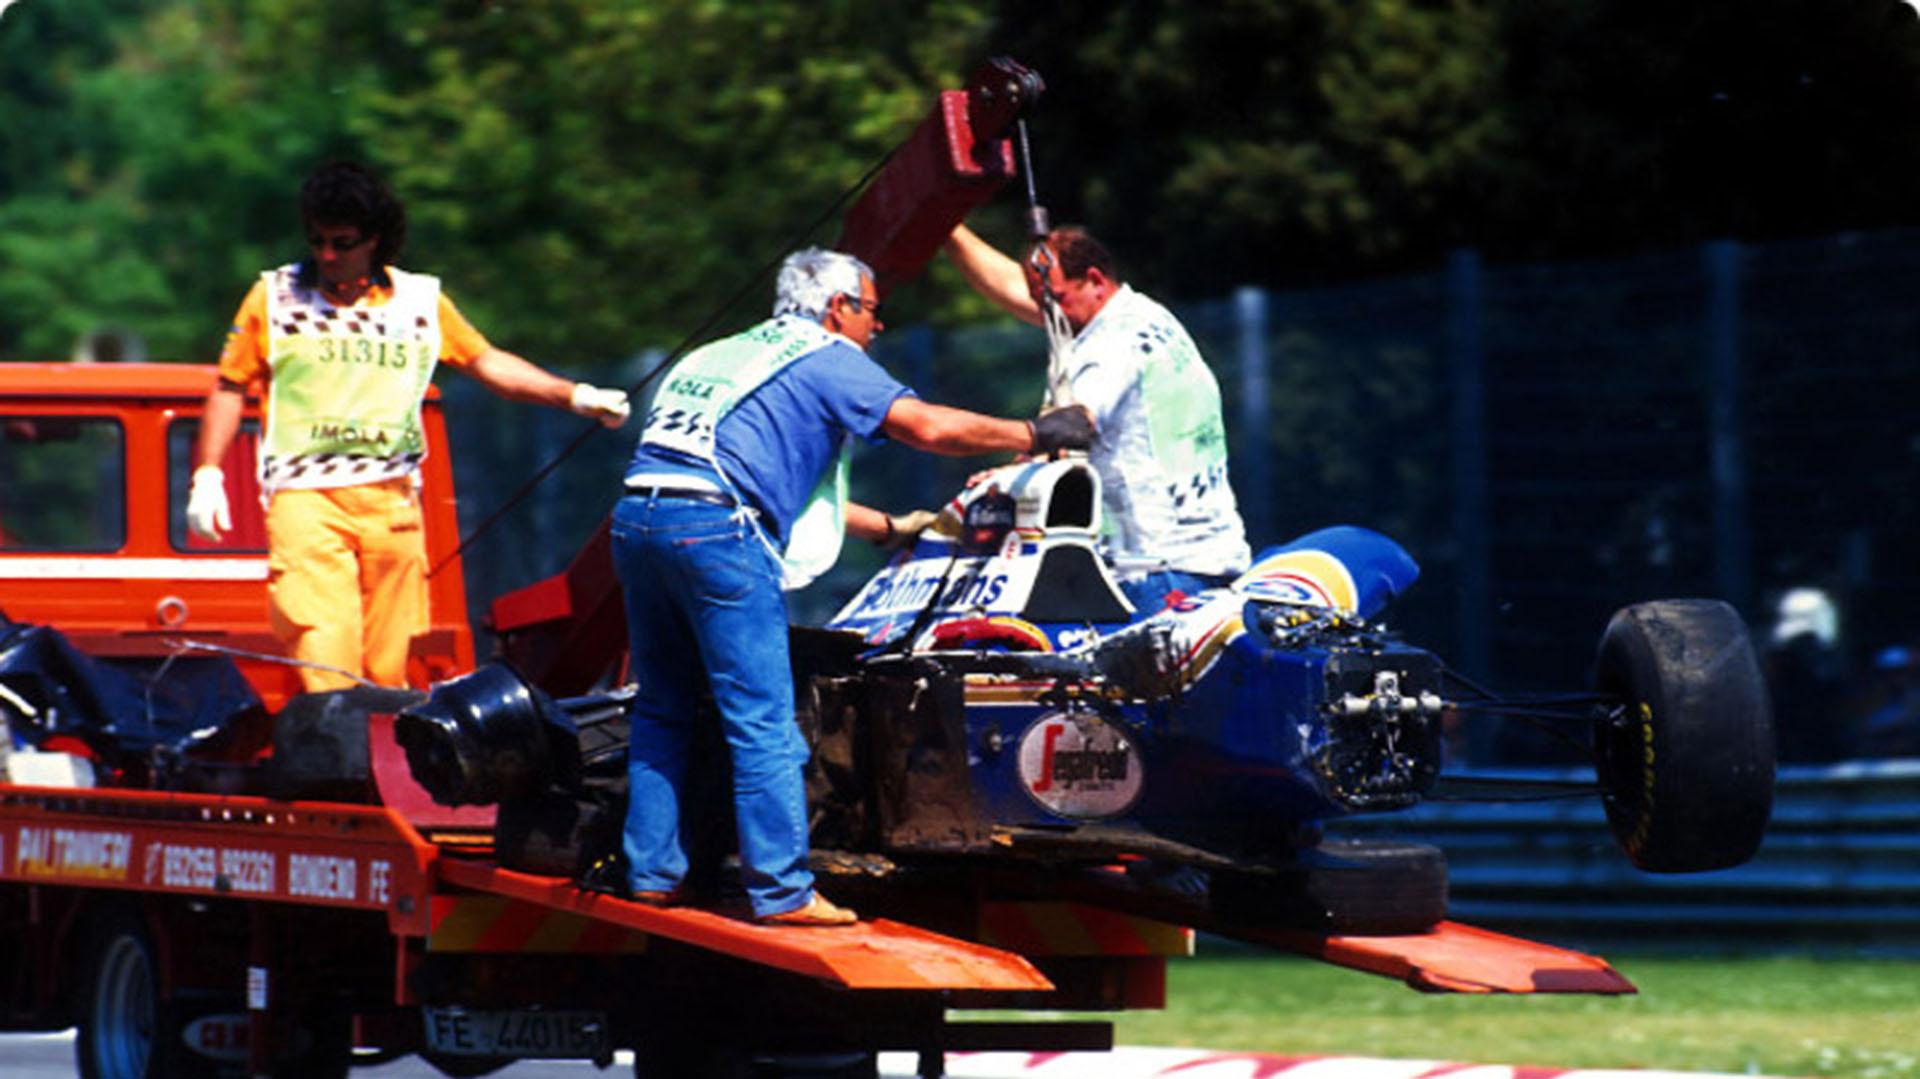 La organización se lleva el auto de Senna del circuito de Imola